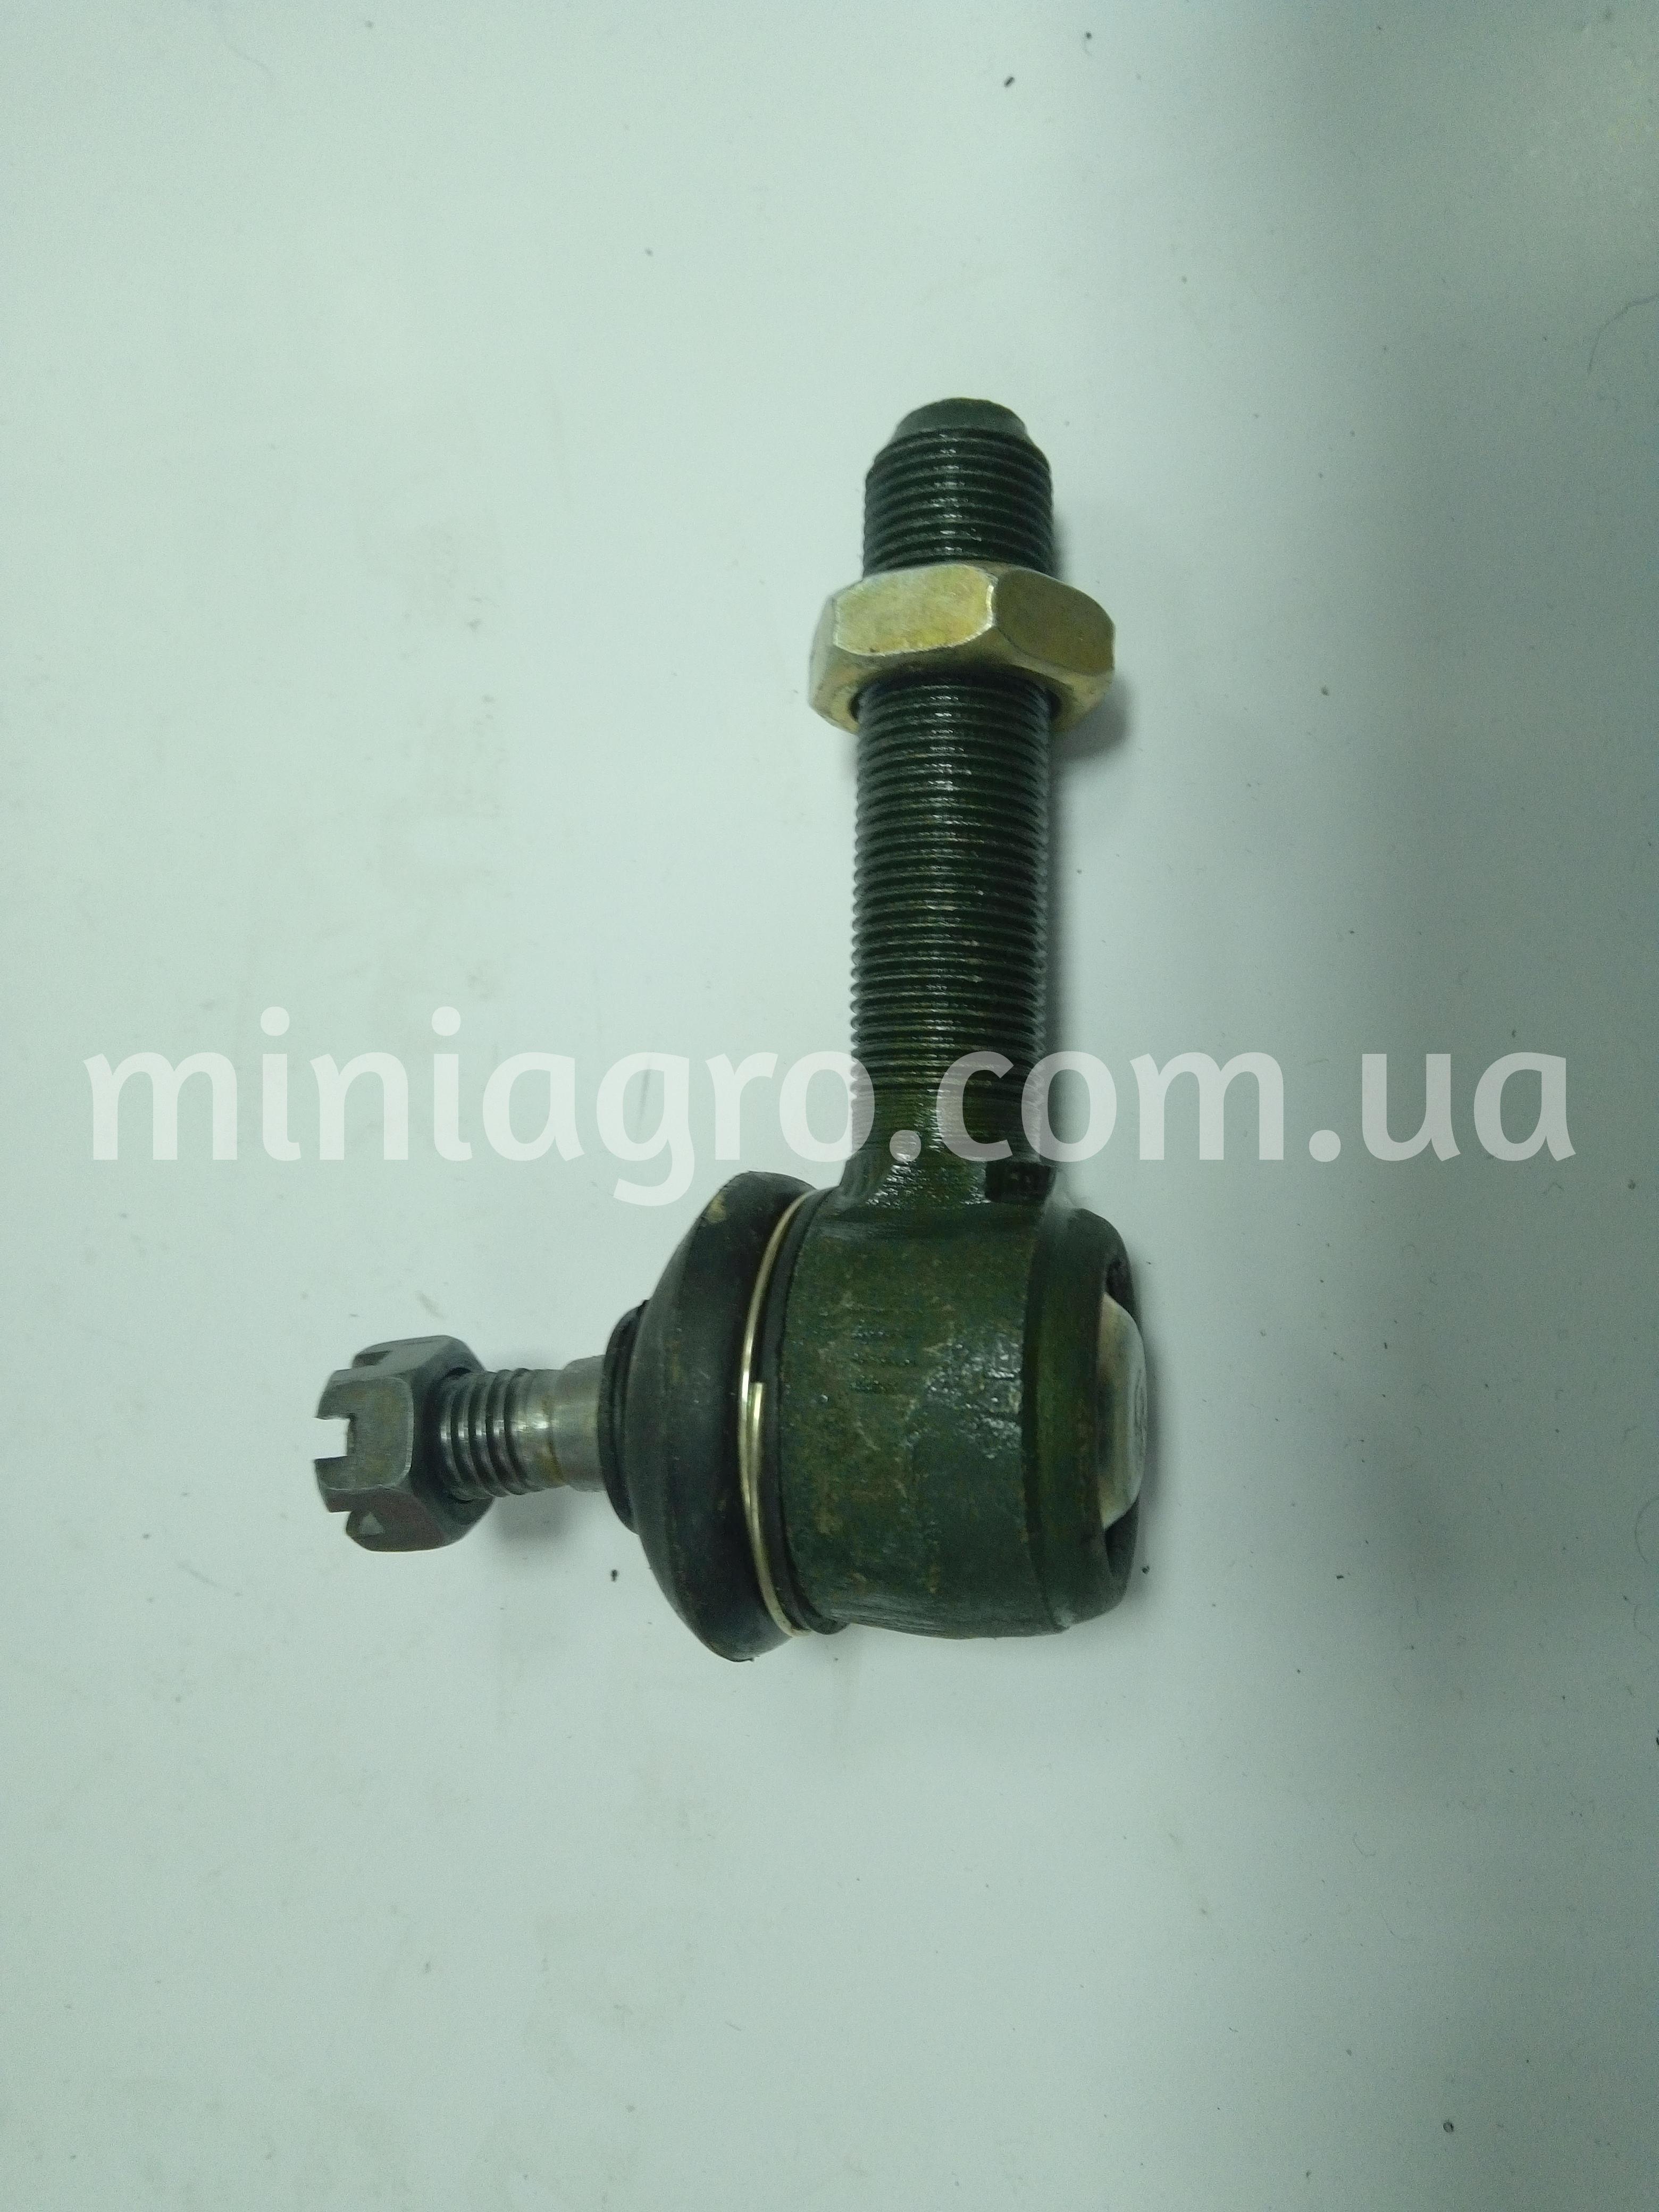 Наконечник рулевой тяги правый для мини-трактора Xingtai XT244